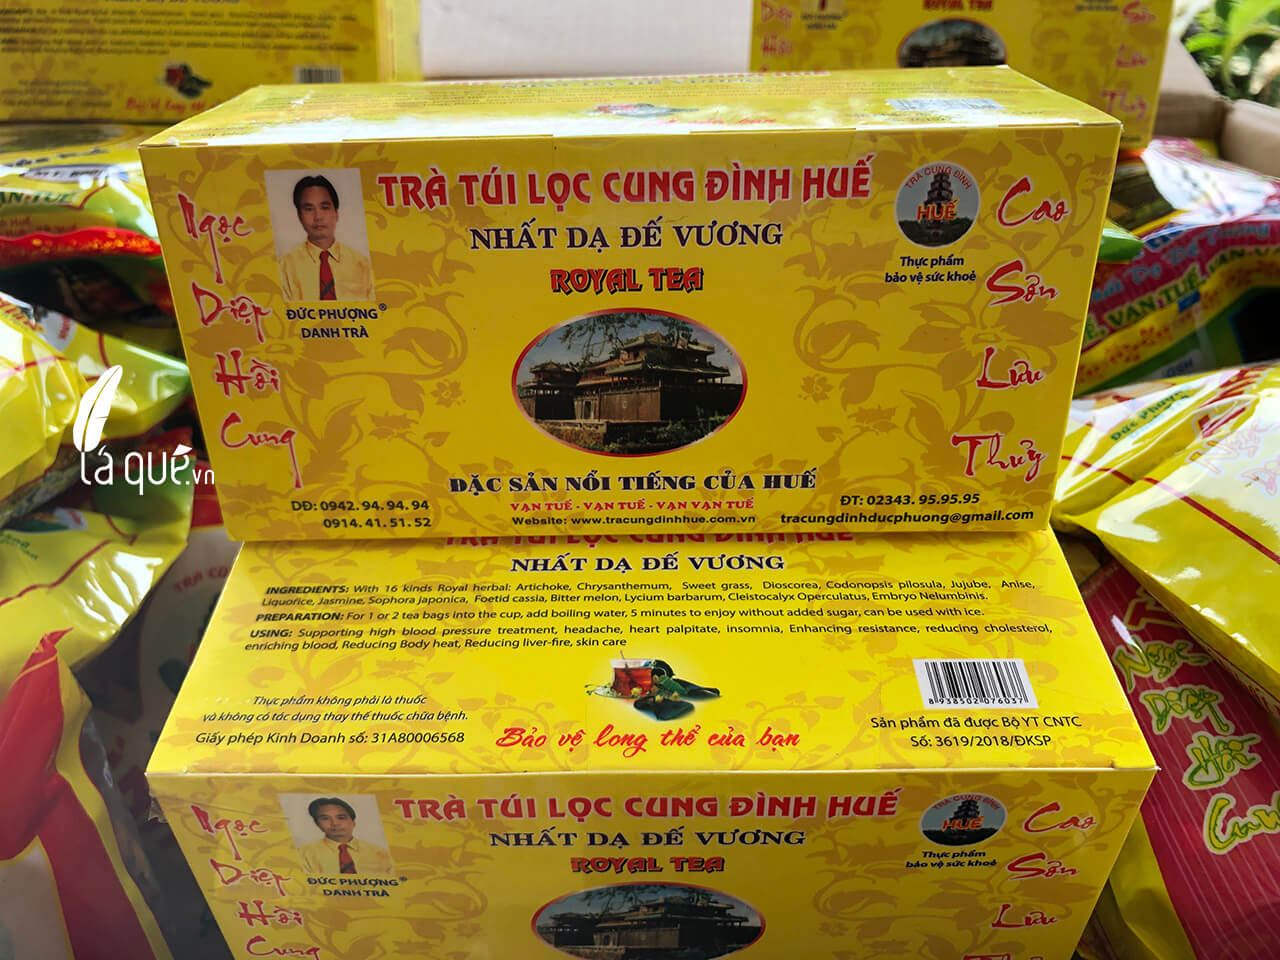 trà túi lọc cung đình Huế Đức Phượng, trà cung đình g9, trà cung đình Huế, trà cung đình, trà cung đình Huế đức phượng